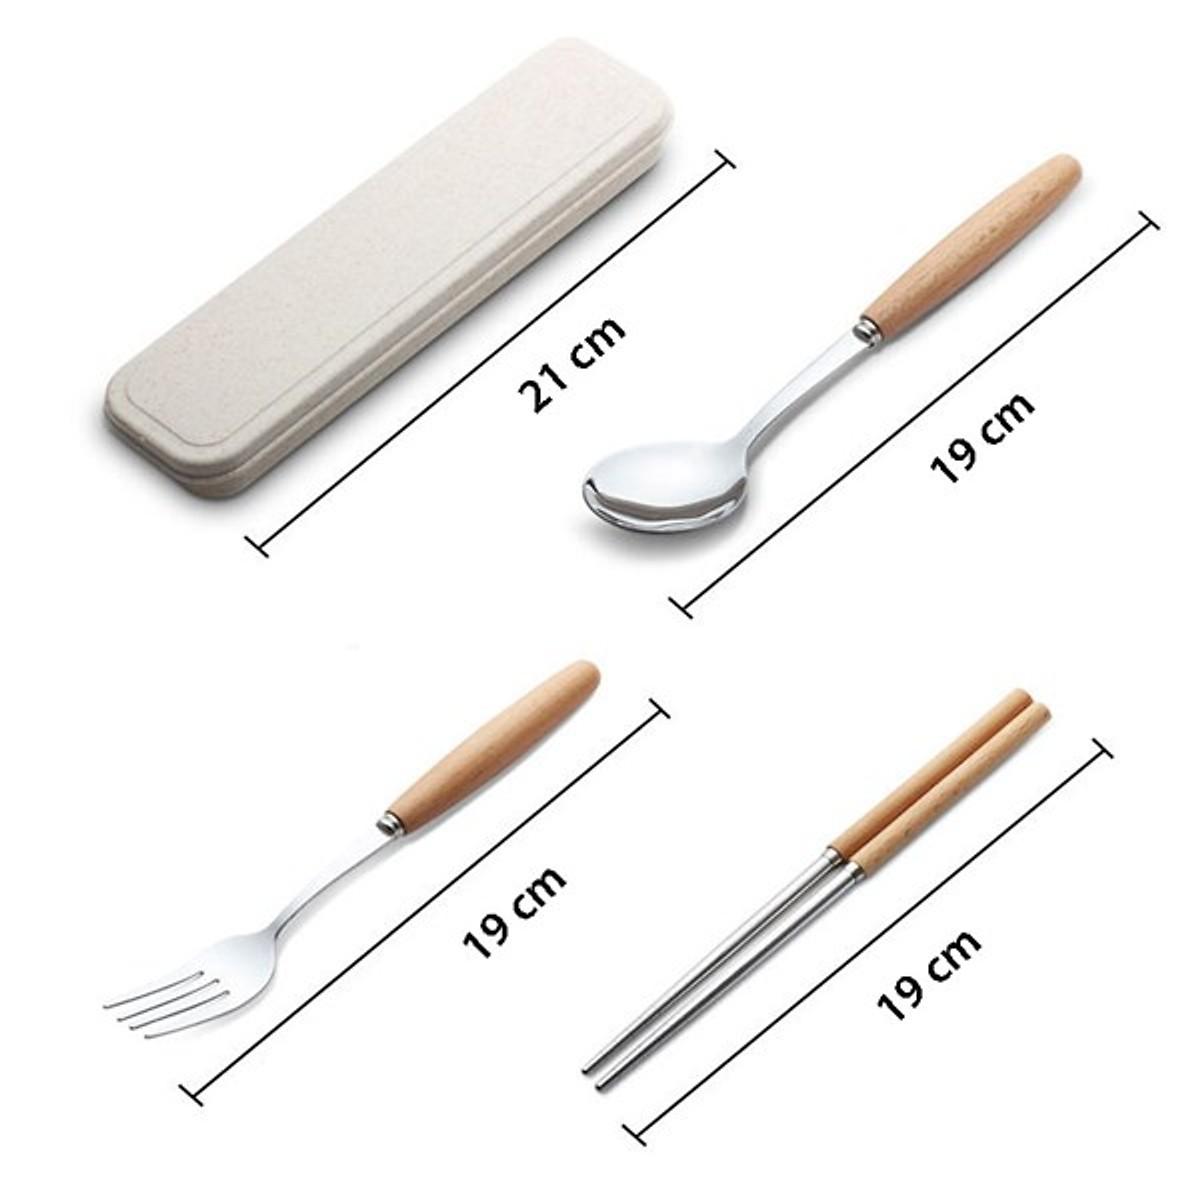 Hộp set 3 đũa thìa dĩa inox tiện lợi